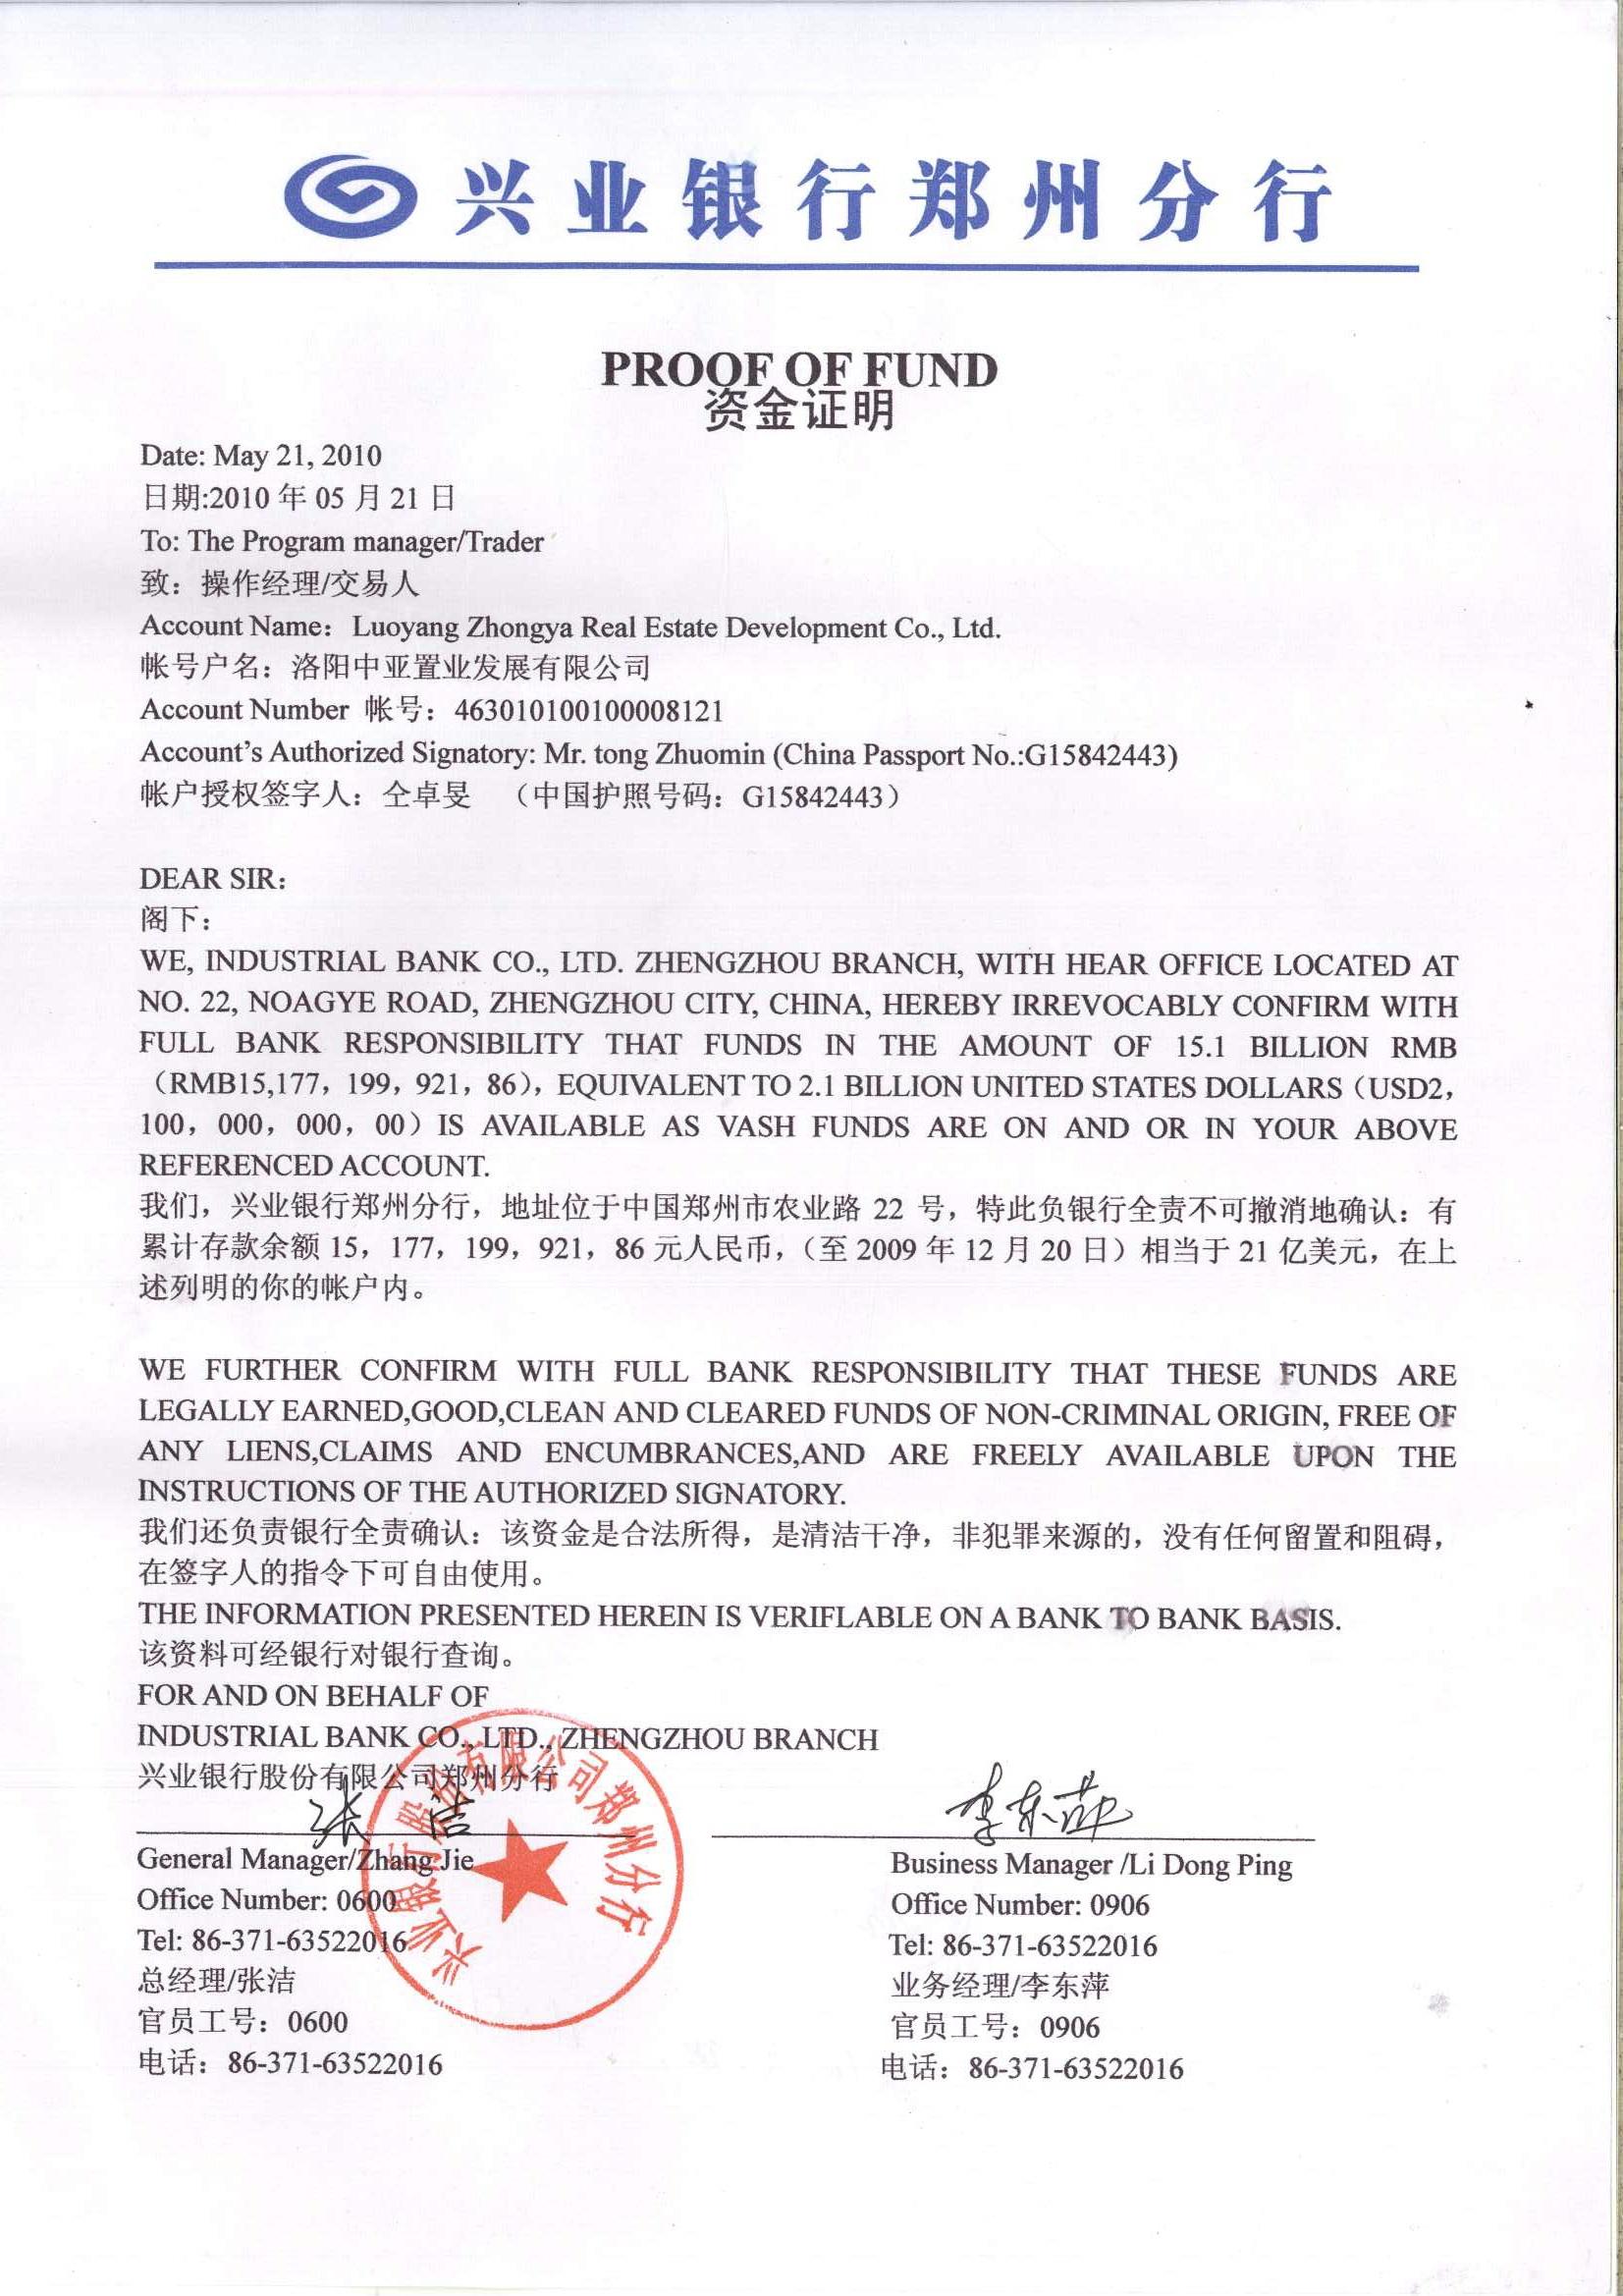 Bank documents ppp kingdom best regards altavistaventures Gallery